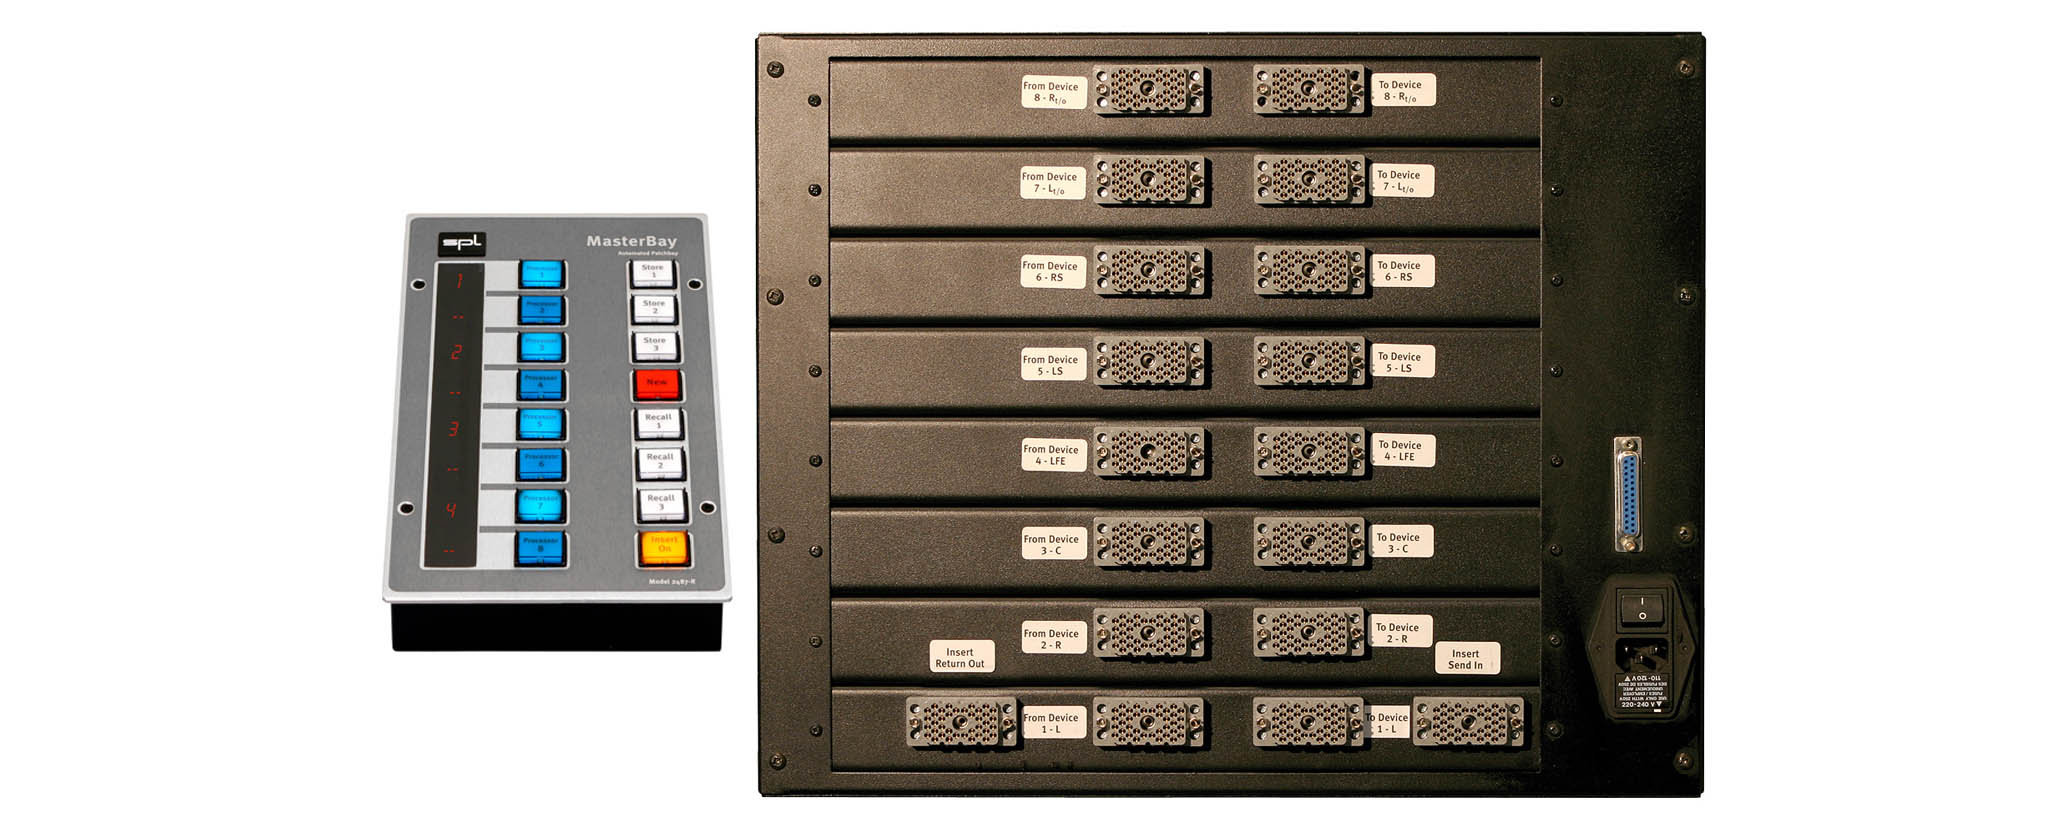 MasterBay8+Remote